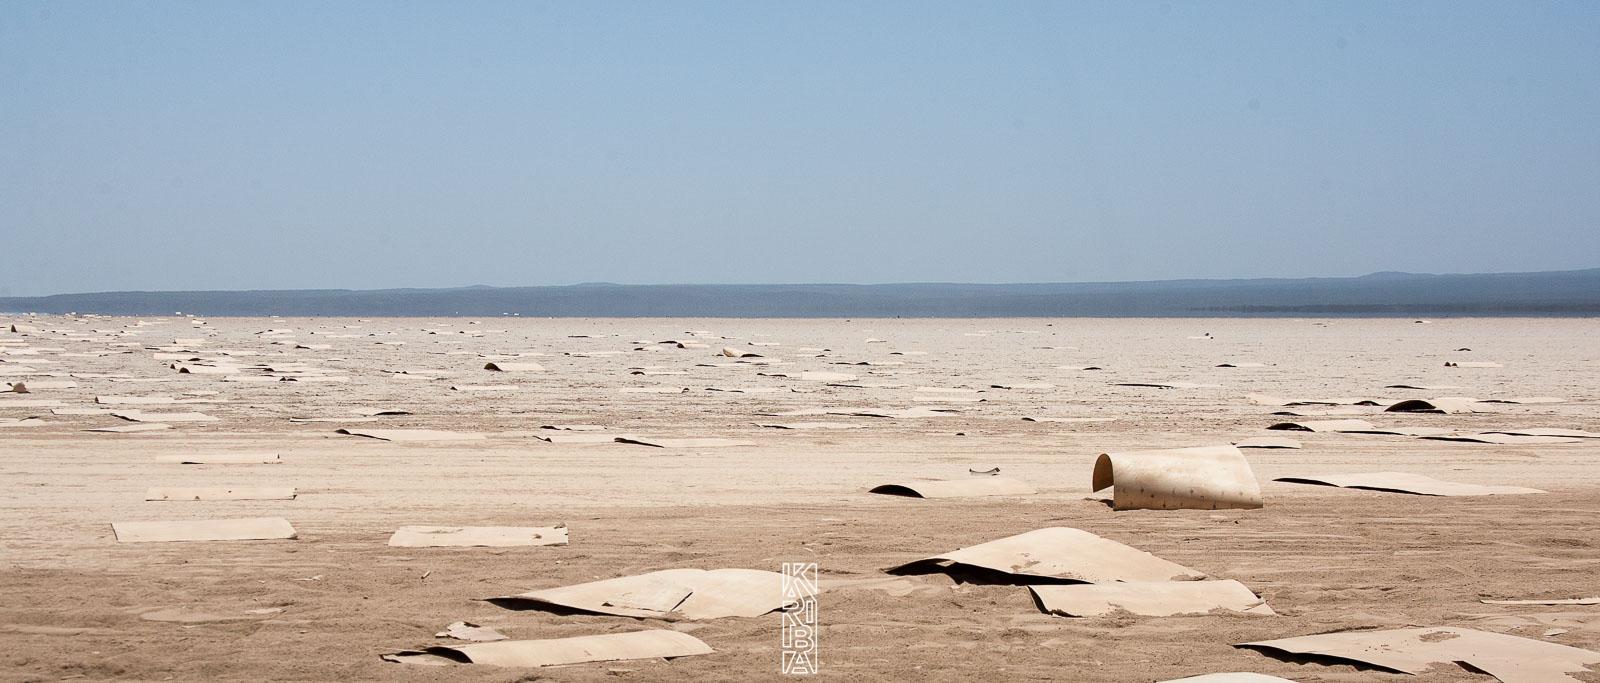 148-Djibouti-042009-Abbé.jpg